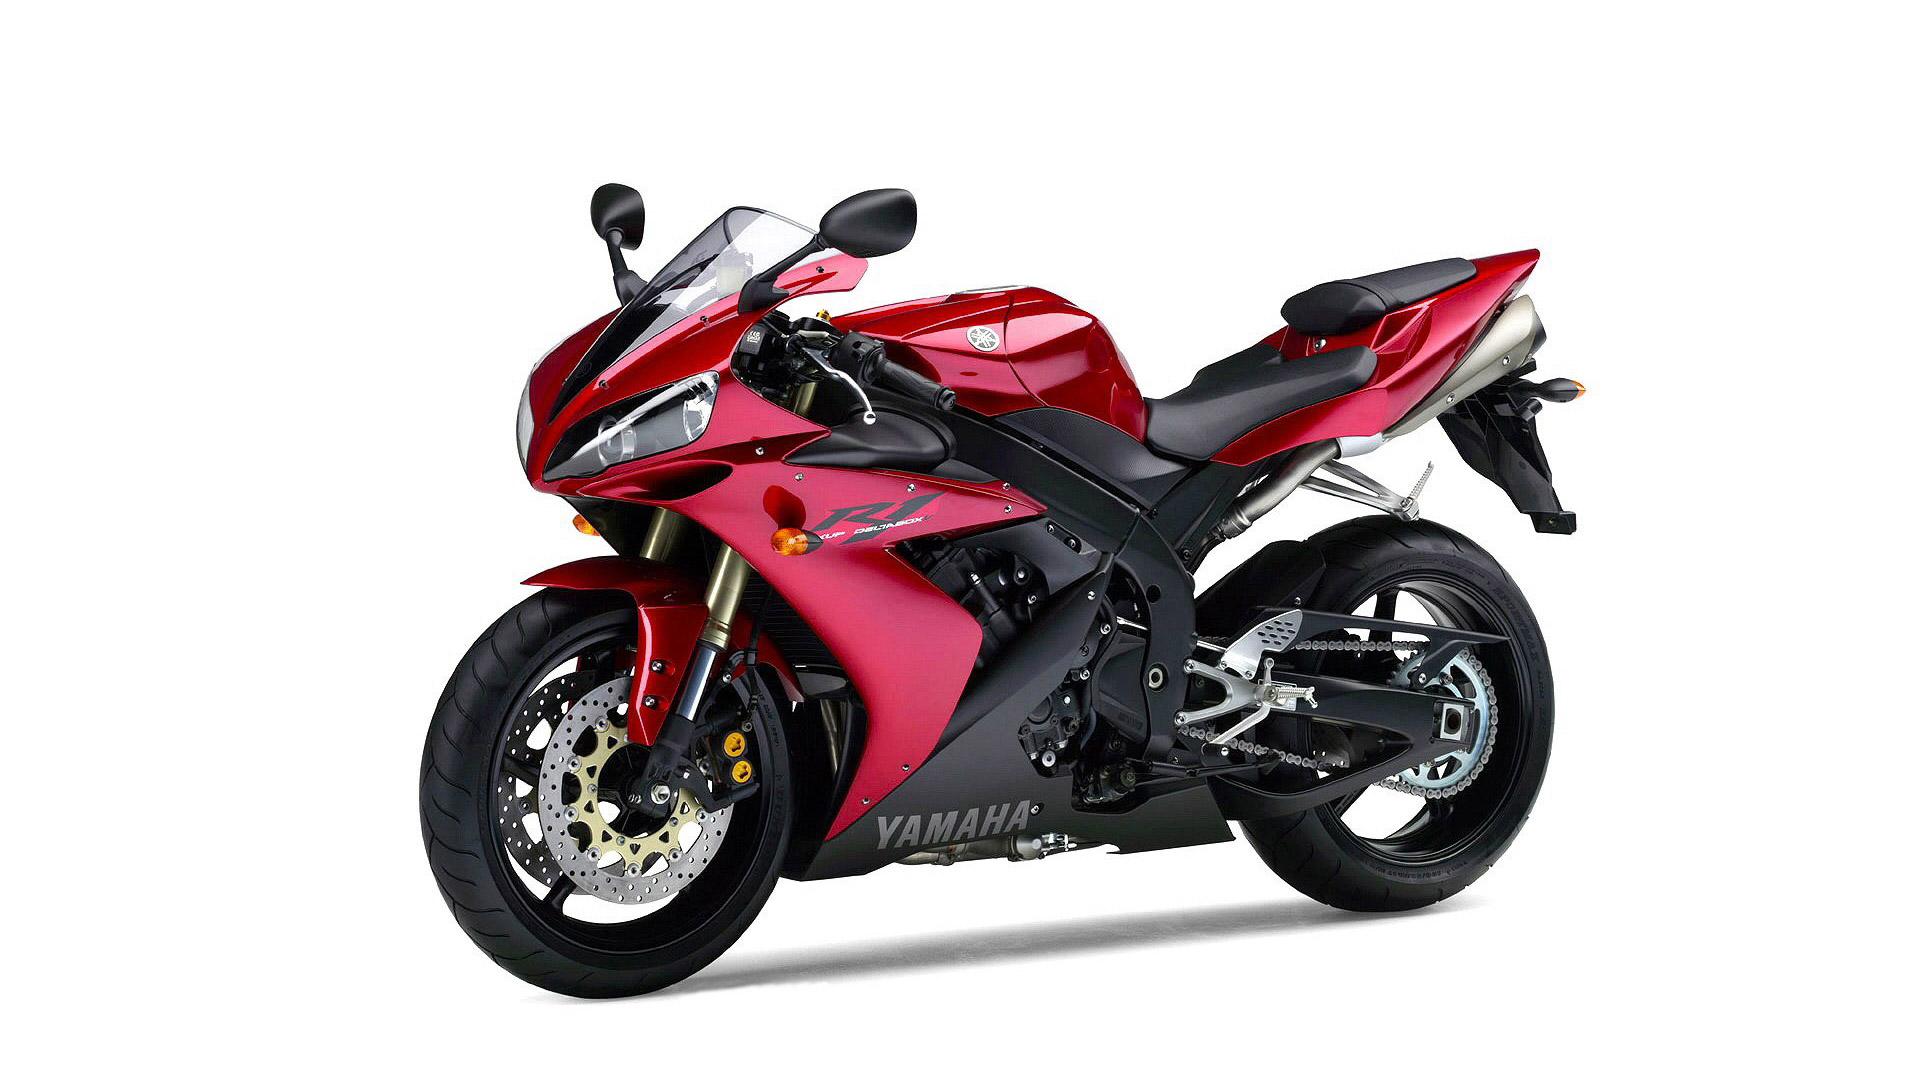 Yamaha R1 Superbike wallpaper HDBikeWallpaperscom 1920x1080